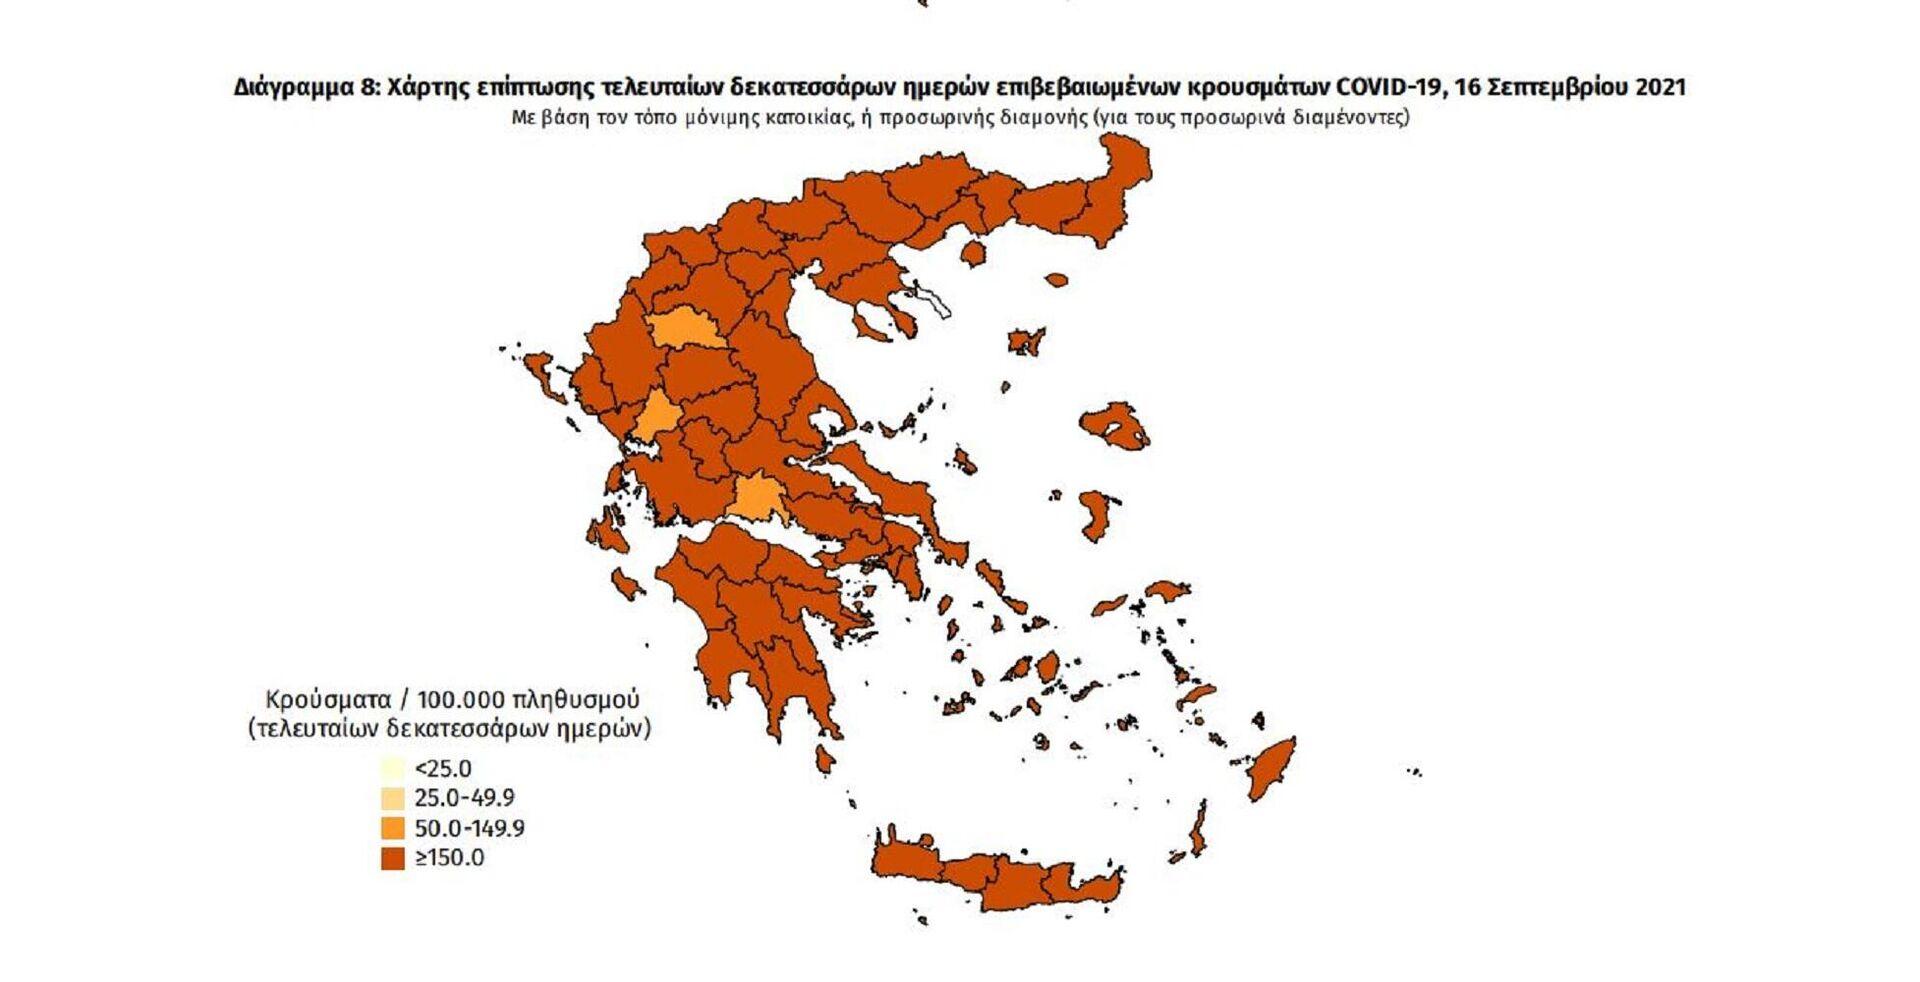 Χάρτης επίπτωσης τελευταίων δεκατεσσάρων ημερών επιβεβαιωμένων κρουσμάτων COVID-19, 16 Σεπτεμβρίου 2021 - Sputnik Ελλάδα, 1920, 16.09.2021